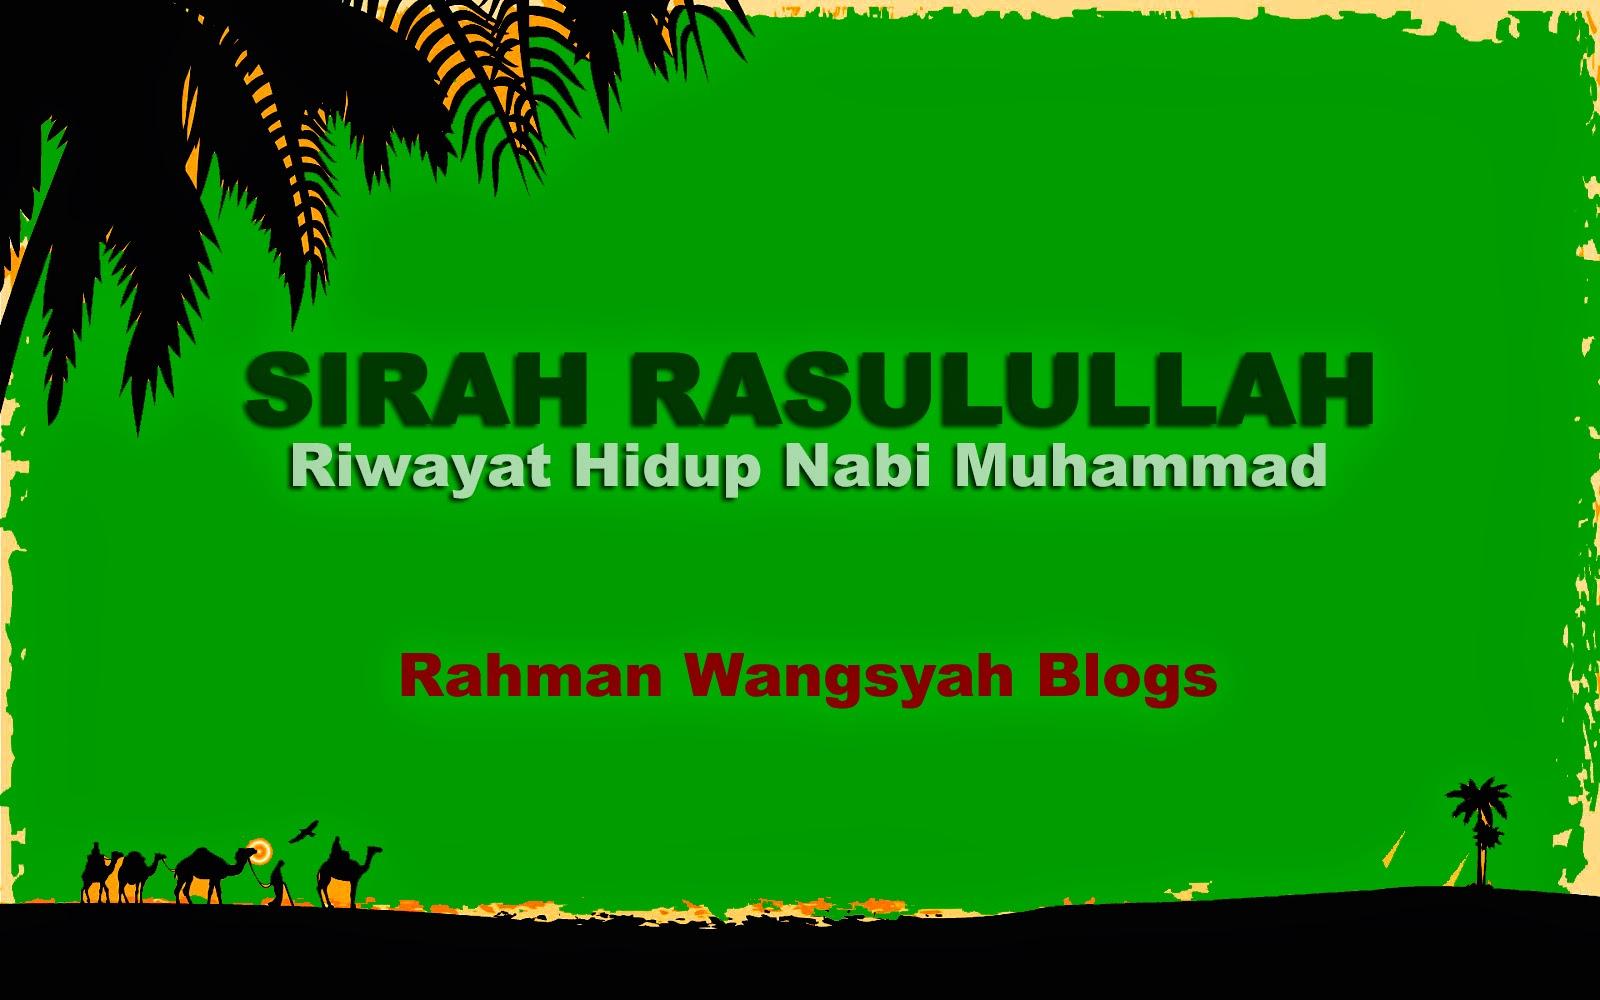 Sirah Rasulullah : Drama Hijrah